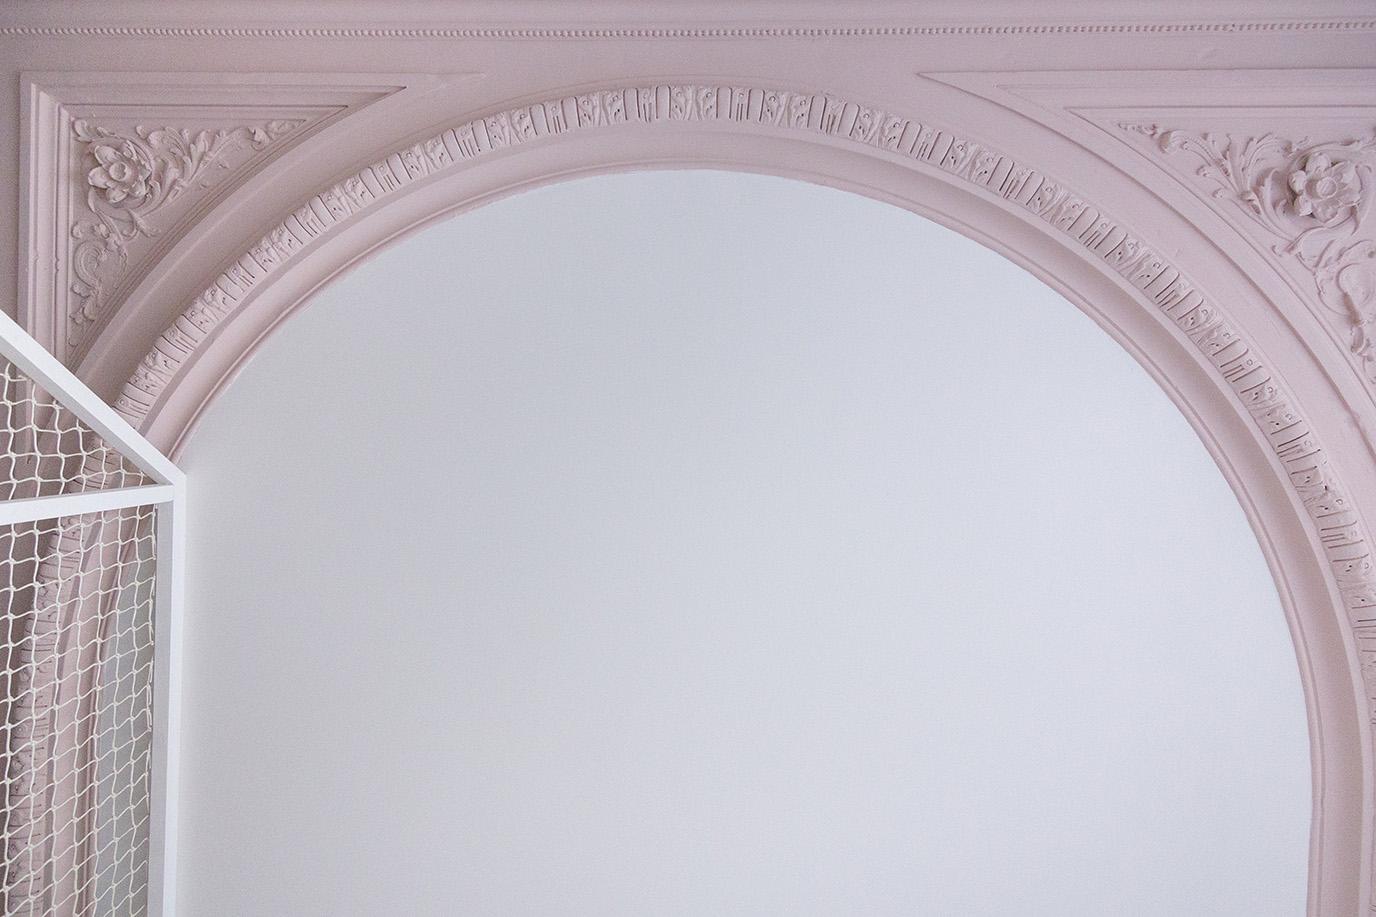 Rénovation appartement haussmannien Paris - création mezzanine cabane chambre enfants - plafond et moulures en couleur - Architecte intérieur Paris - Studio Mariekke